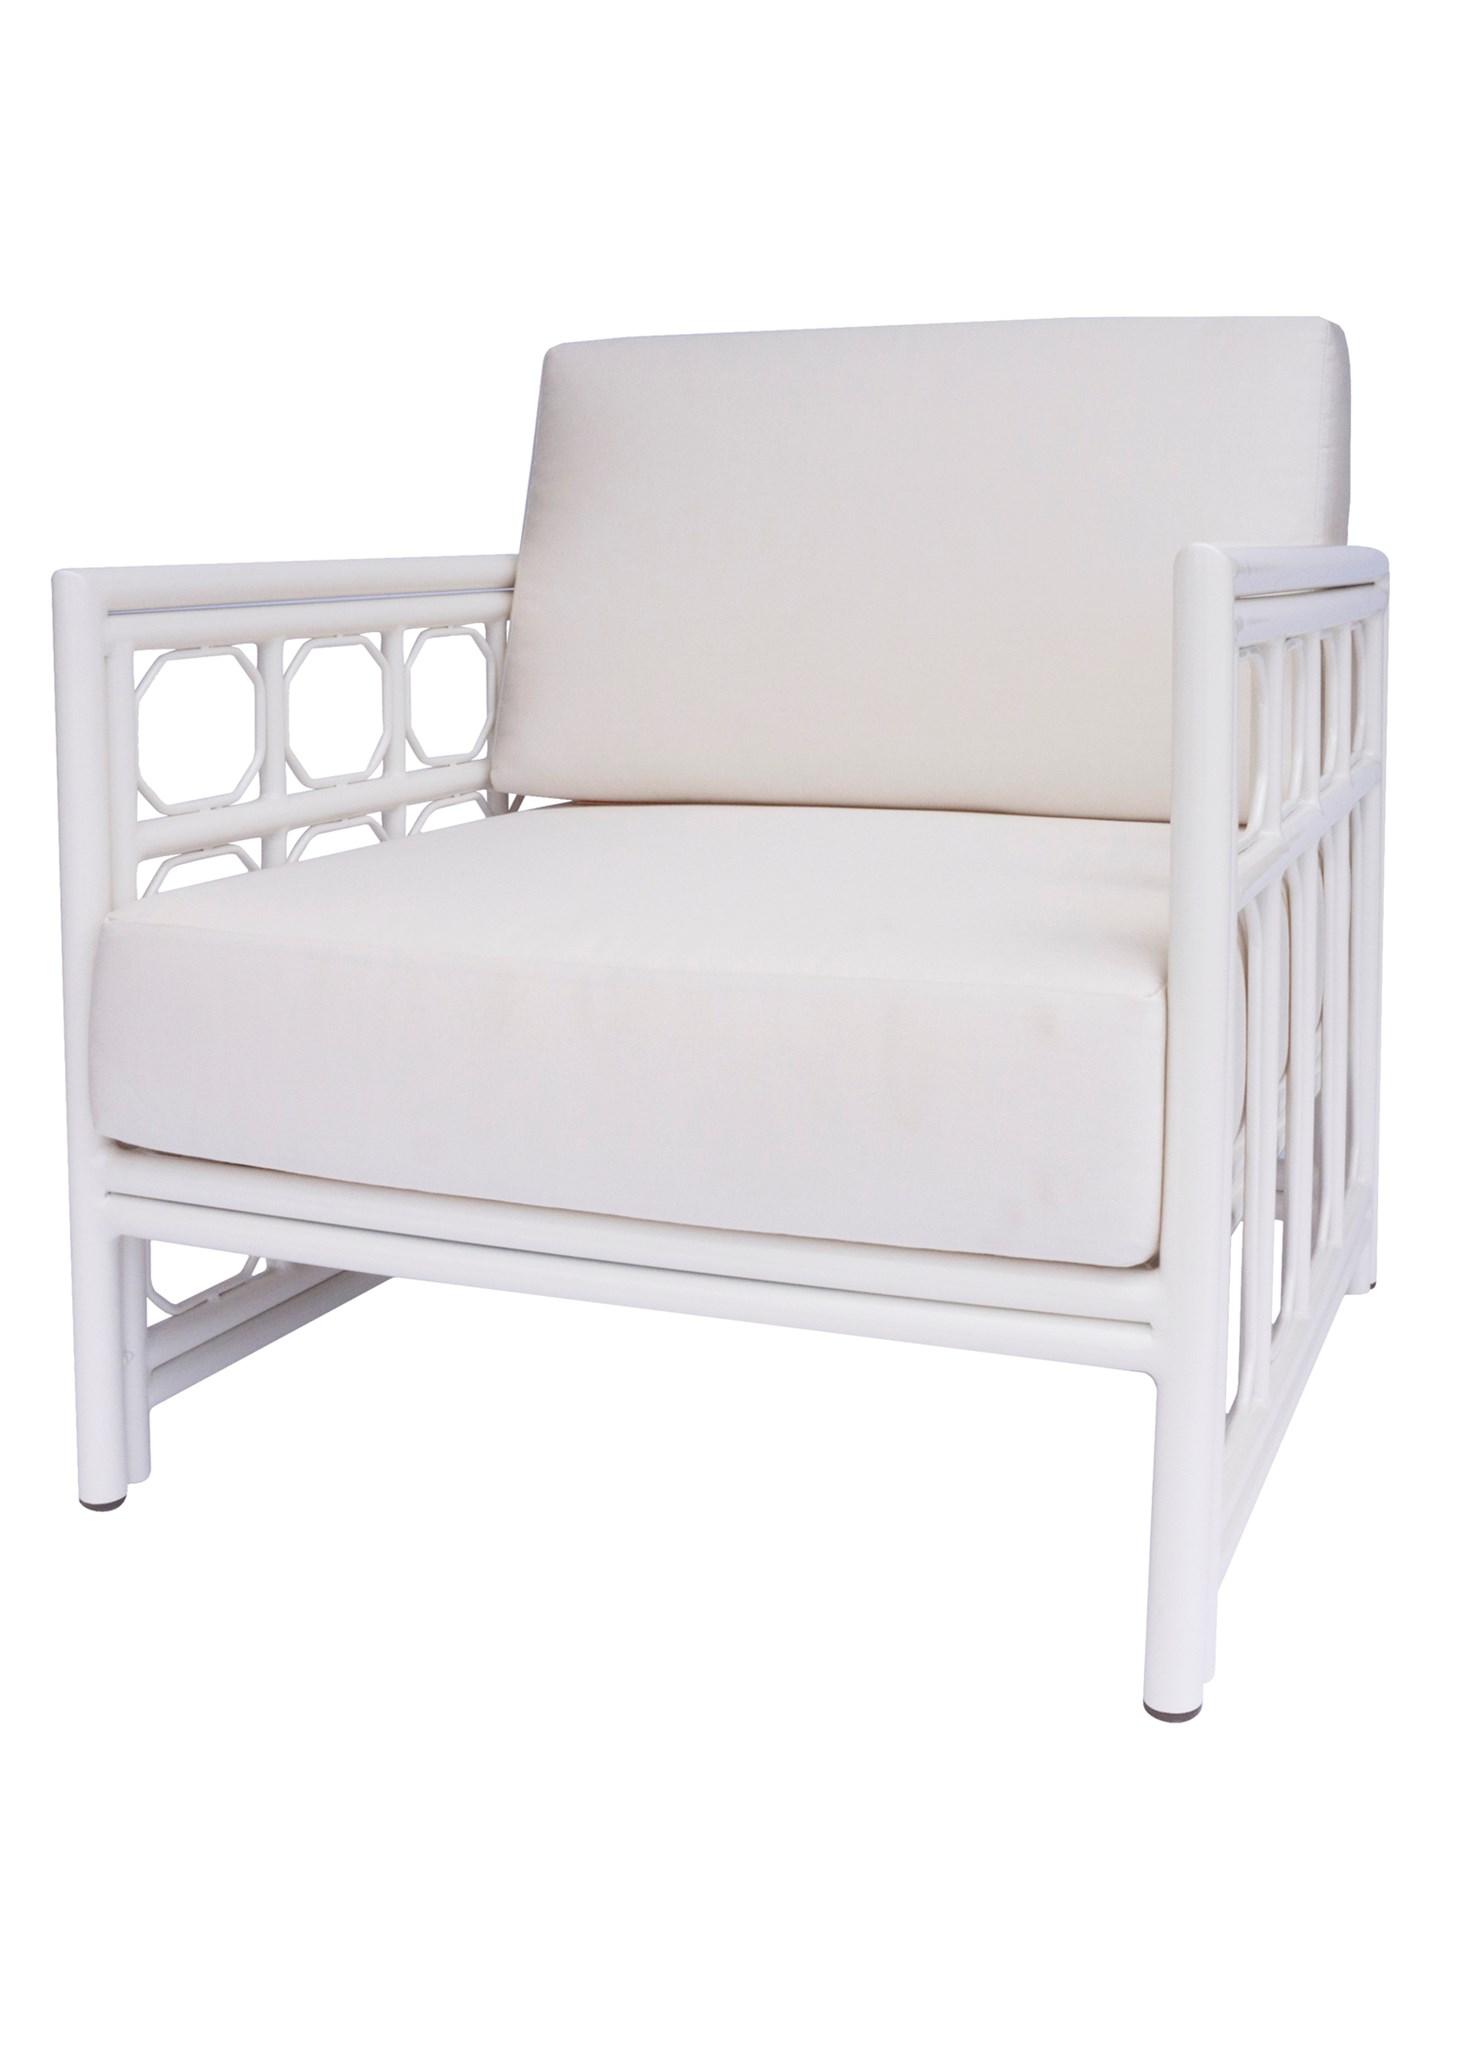 4 Season Regeant Lounge Chair (Aluminum) W/ Cushions   White